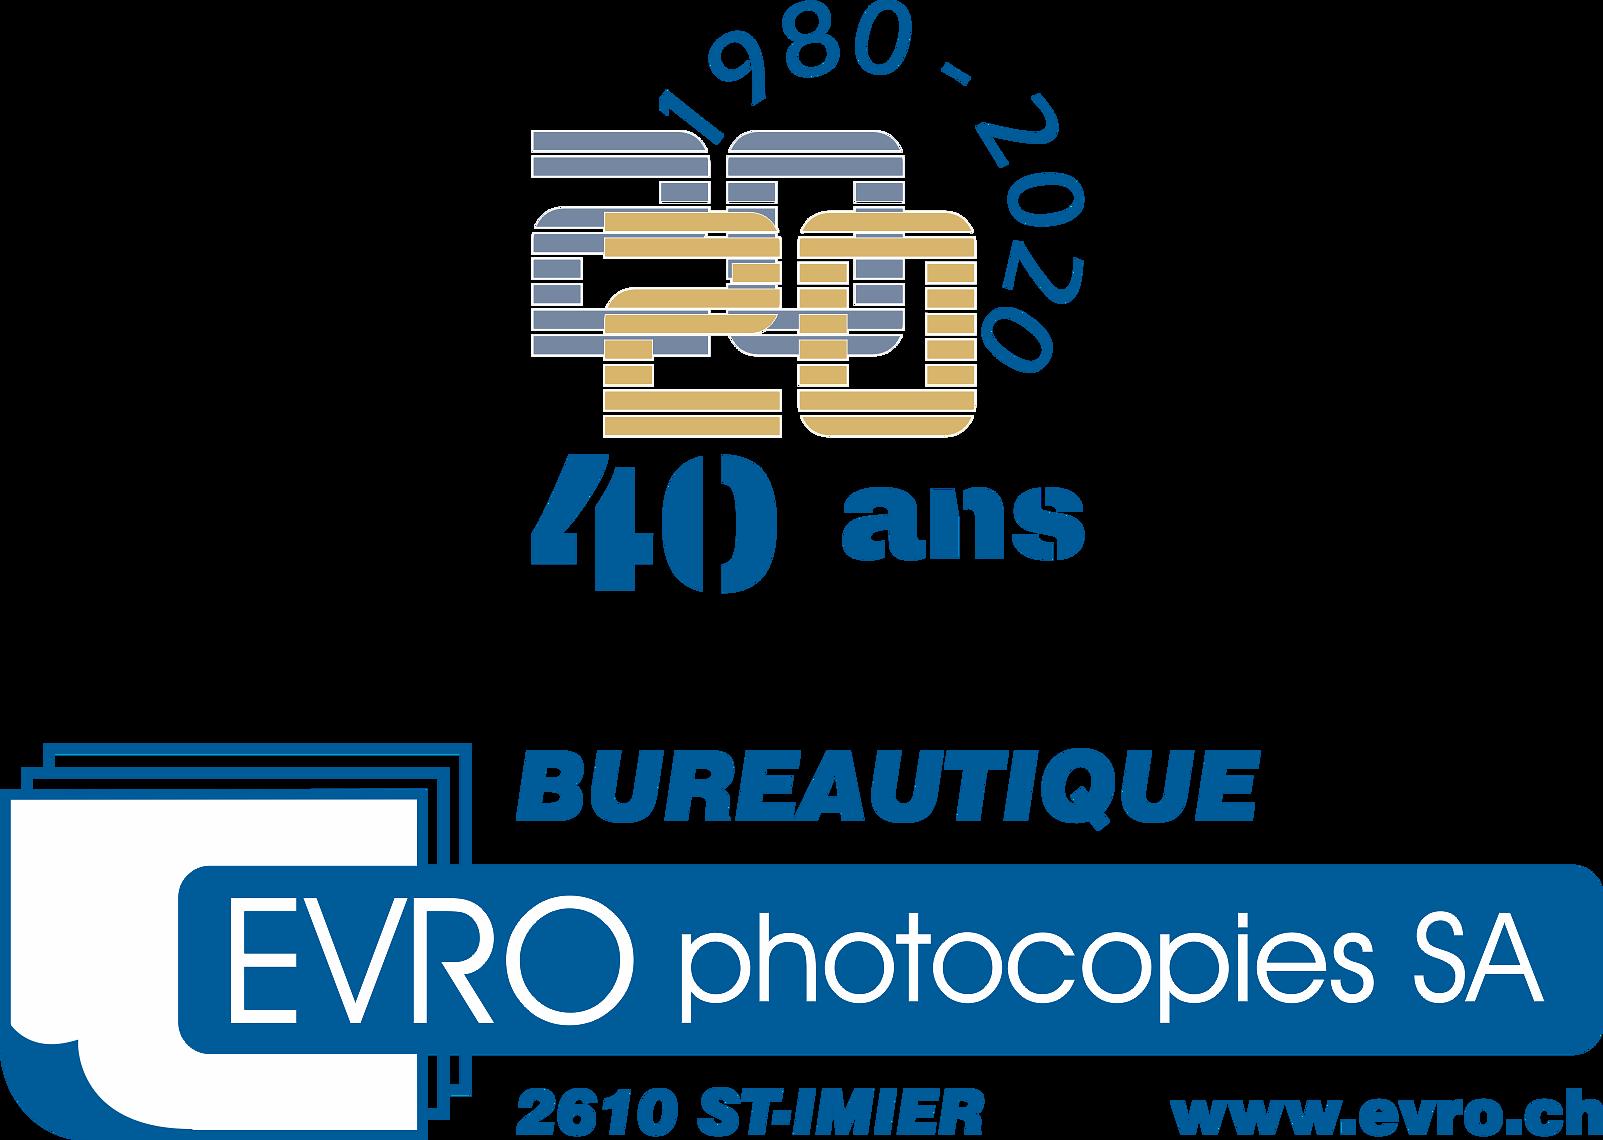 Evro-Photocopies SA